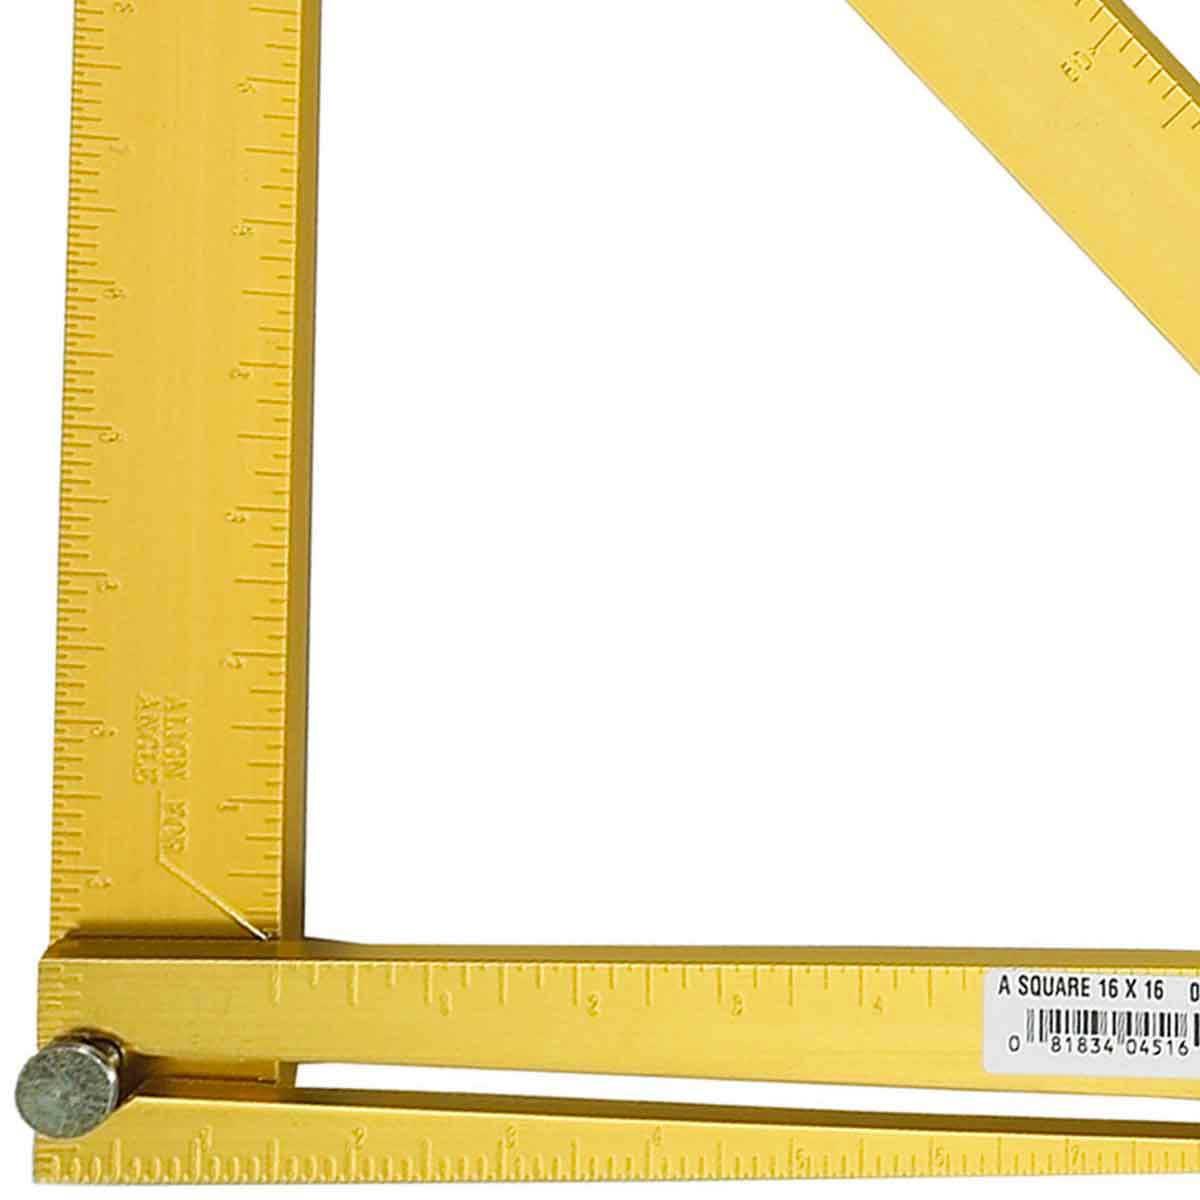 heavy duty aluminum layout square